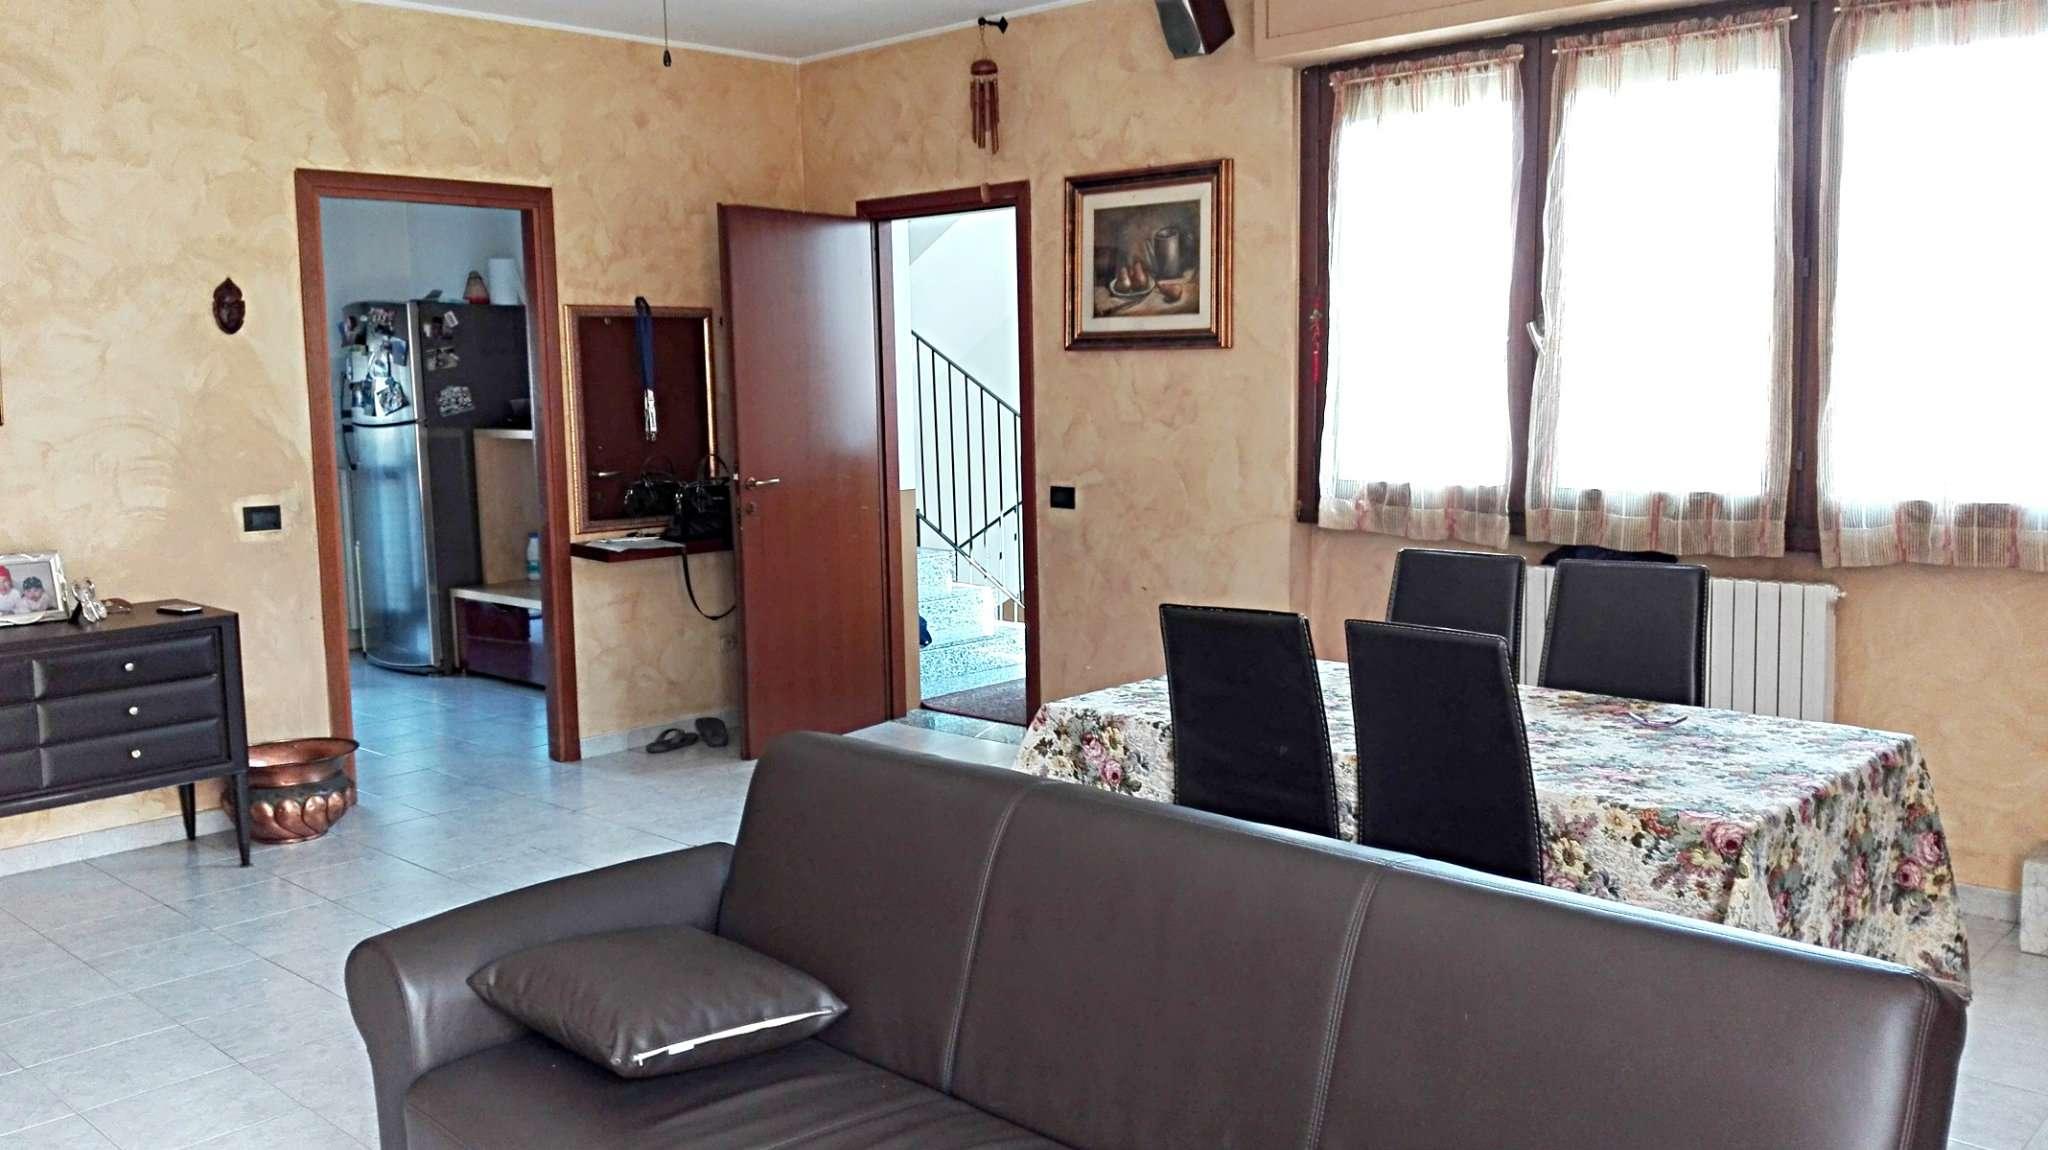 Soluzione Indipendente in vendita a Desio, 3 locali, prezzo € 280.000 | CambioCasa.it